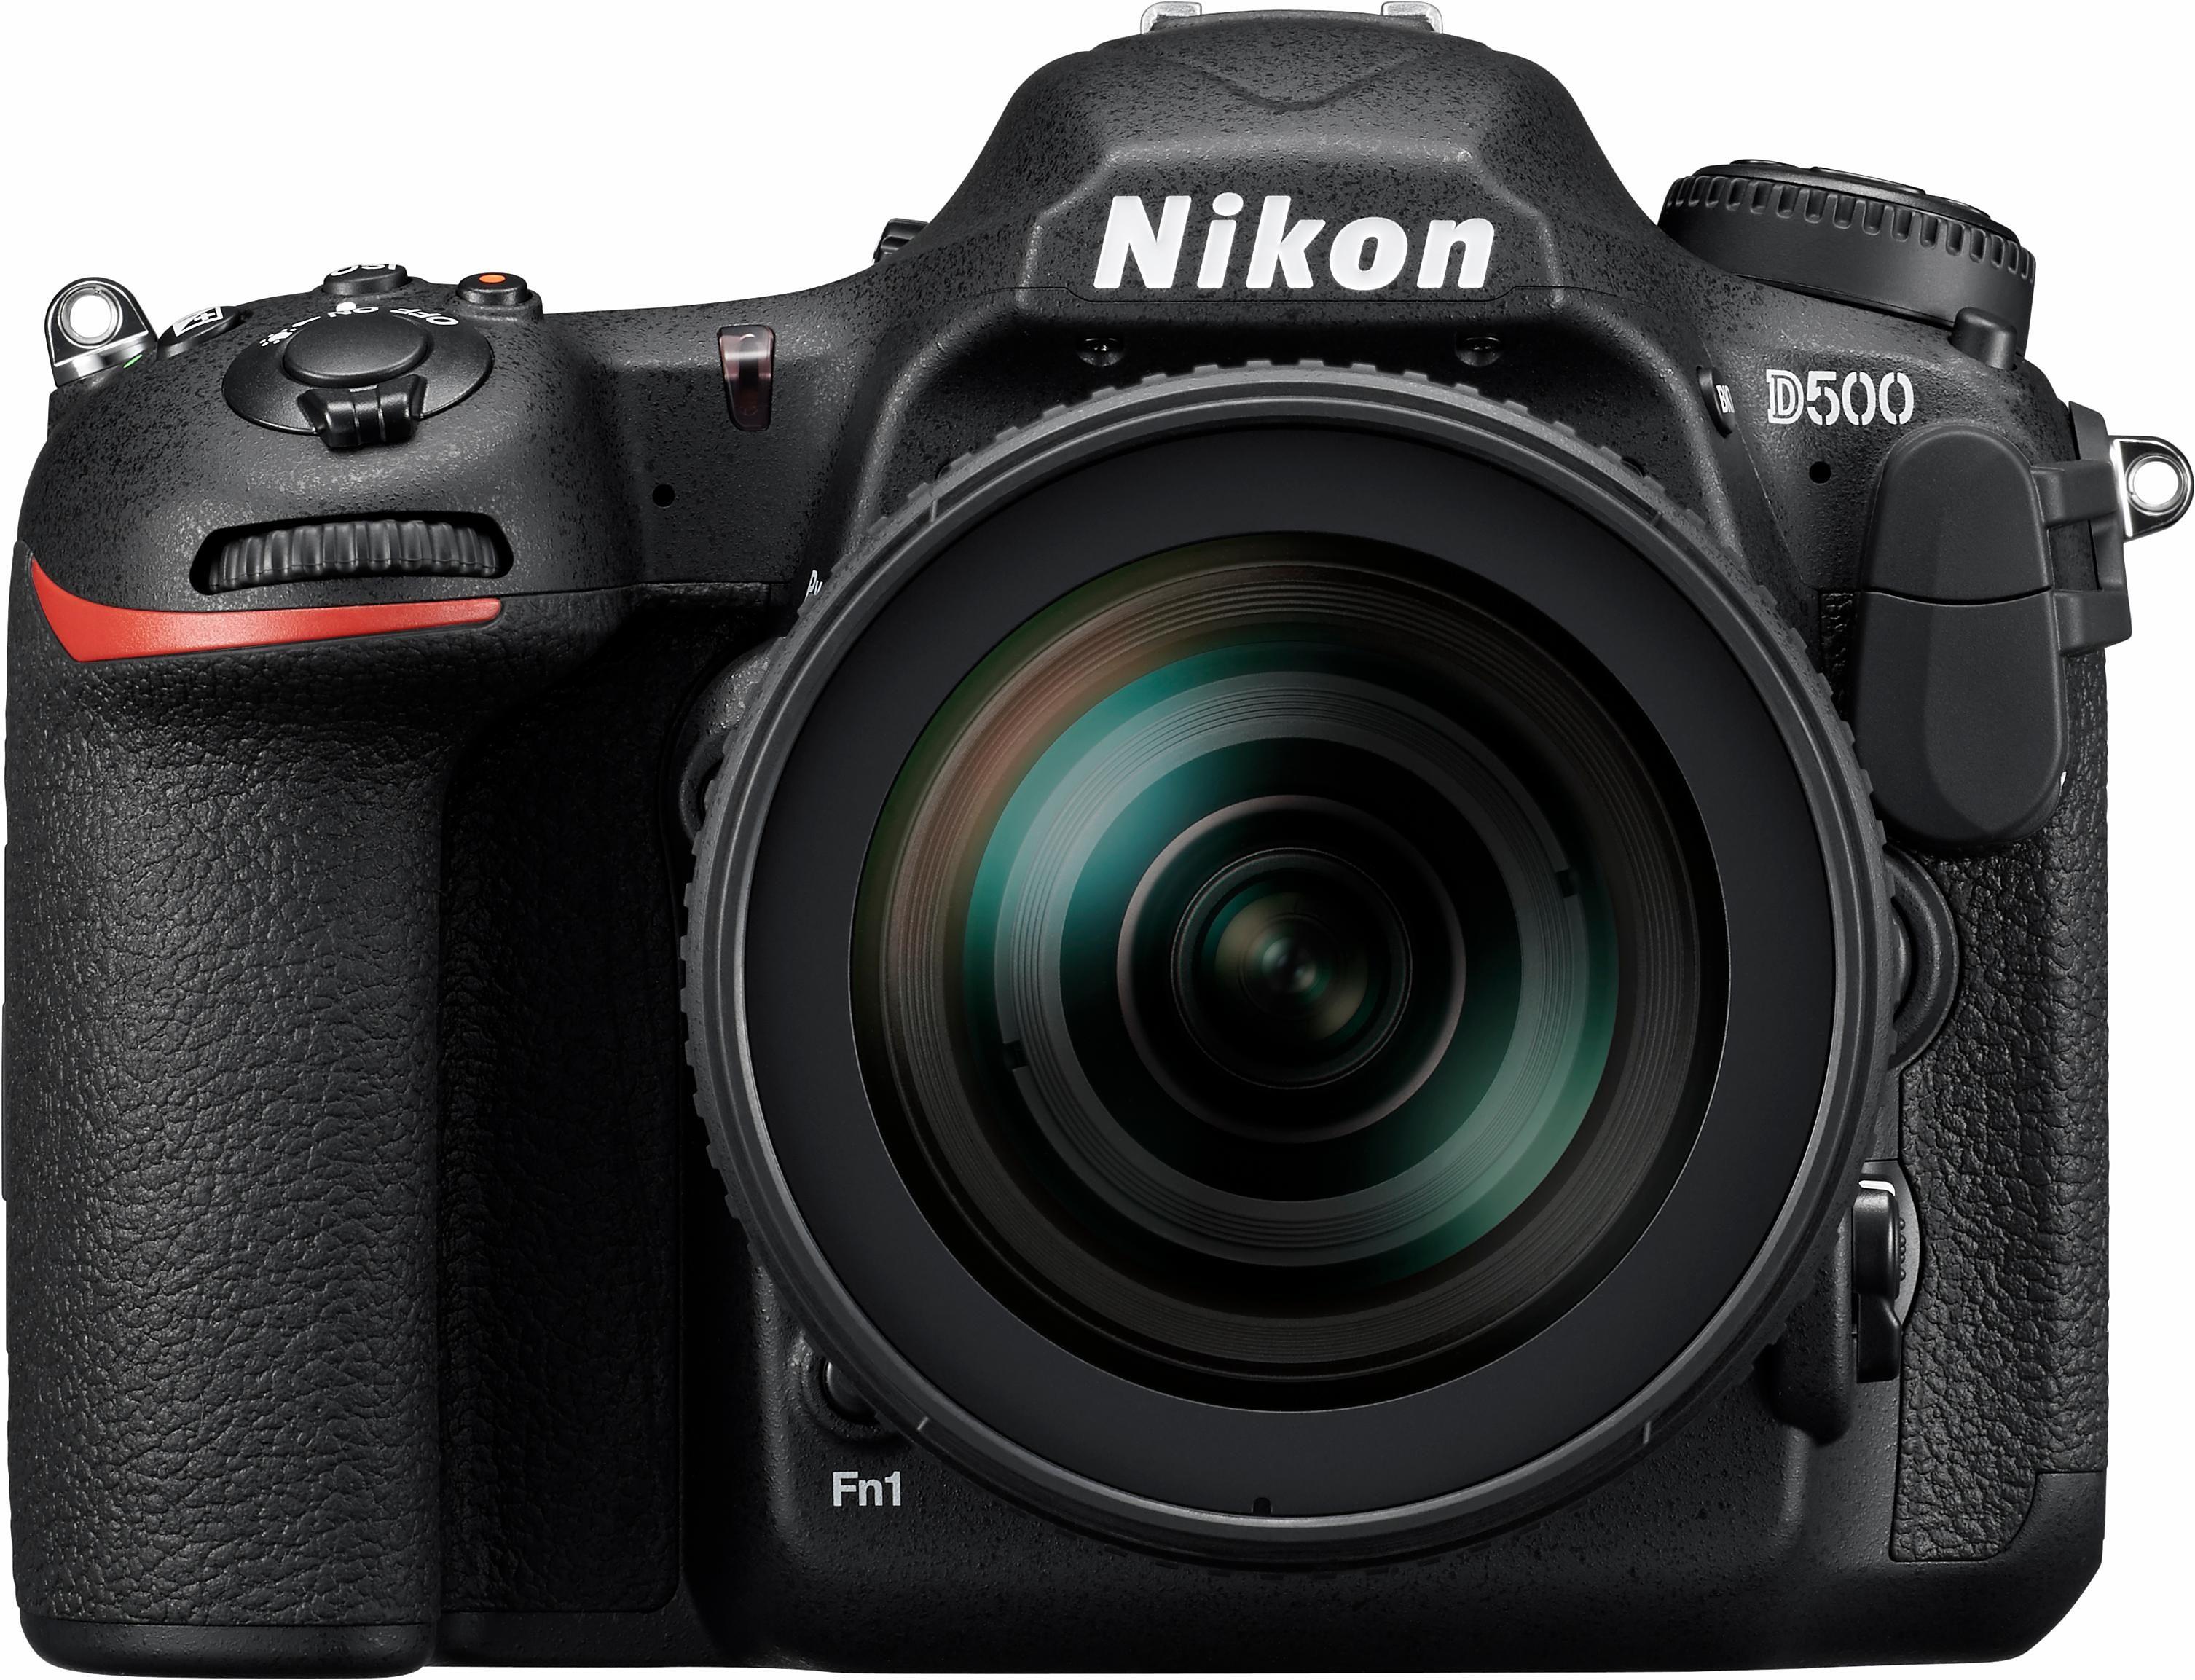 Nikon D500 Kit Spiegelreflex Kamera, AF-S DX NIKKOR 16-80 mm 1:2,8-4E ED VR Zoom, 20,9 Megapixel